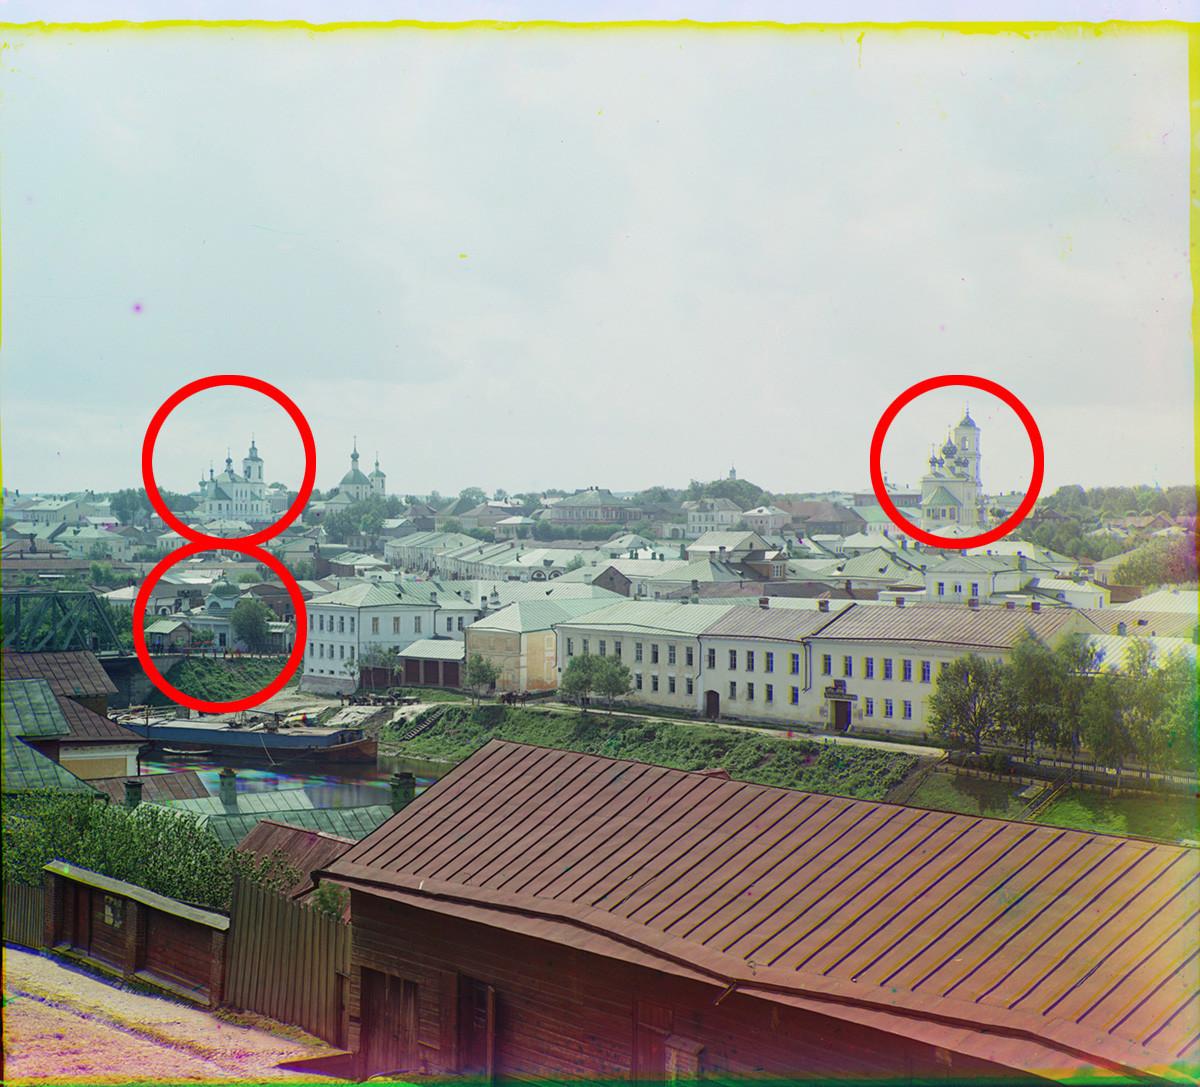 Toržok. Pogled na zahod od Vstajenskega samostana. Levo: reka Tverca, kapela Povišanja svetega križa. Na vrhu: cerkev sv. Jurija (levo); Cerkev Marijinega vnebovzetja (skrajno desno). Poletje 1910